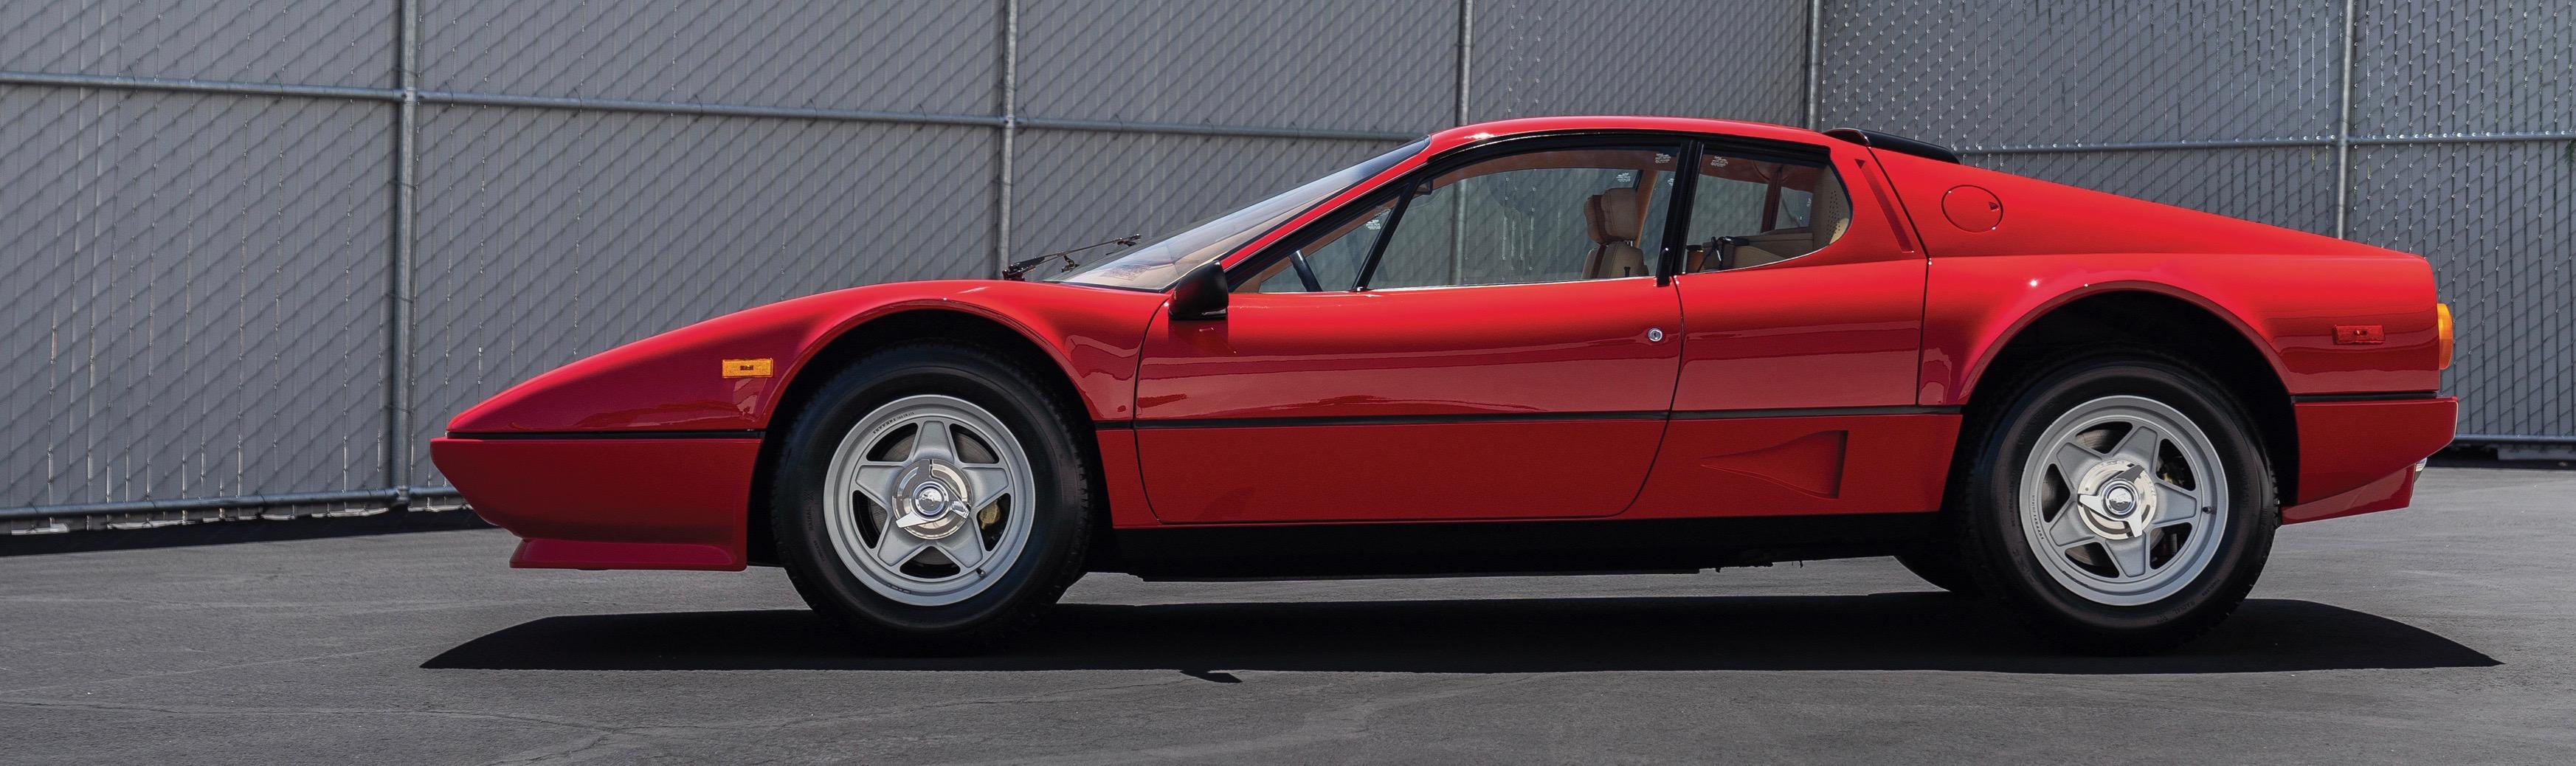 1985 Ferrari 512 BBi